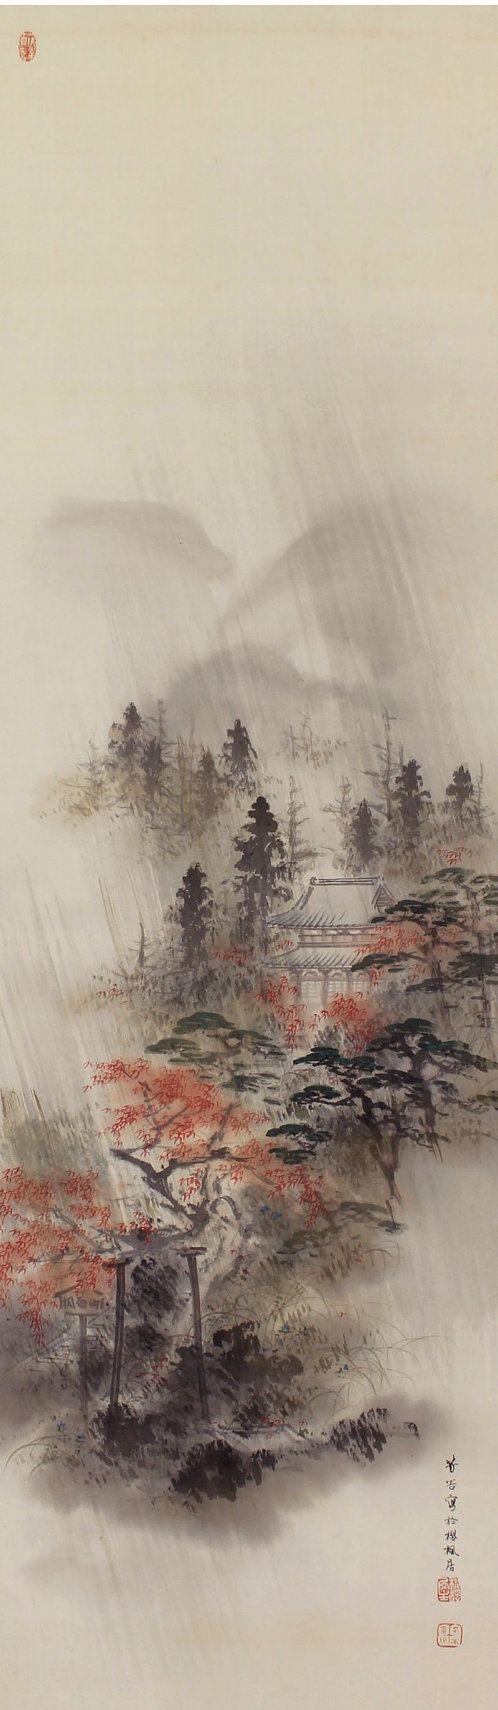 A temple in an autumn rain.